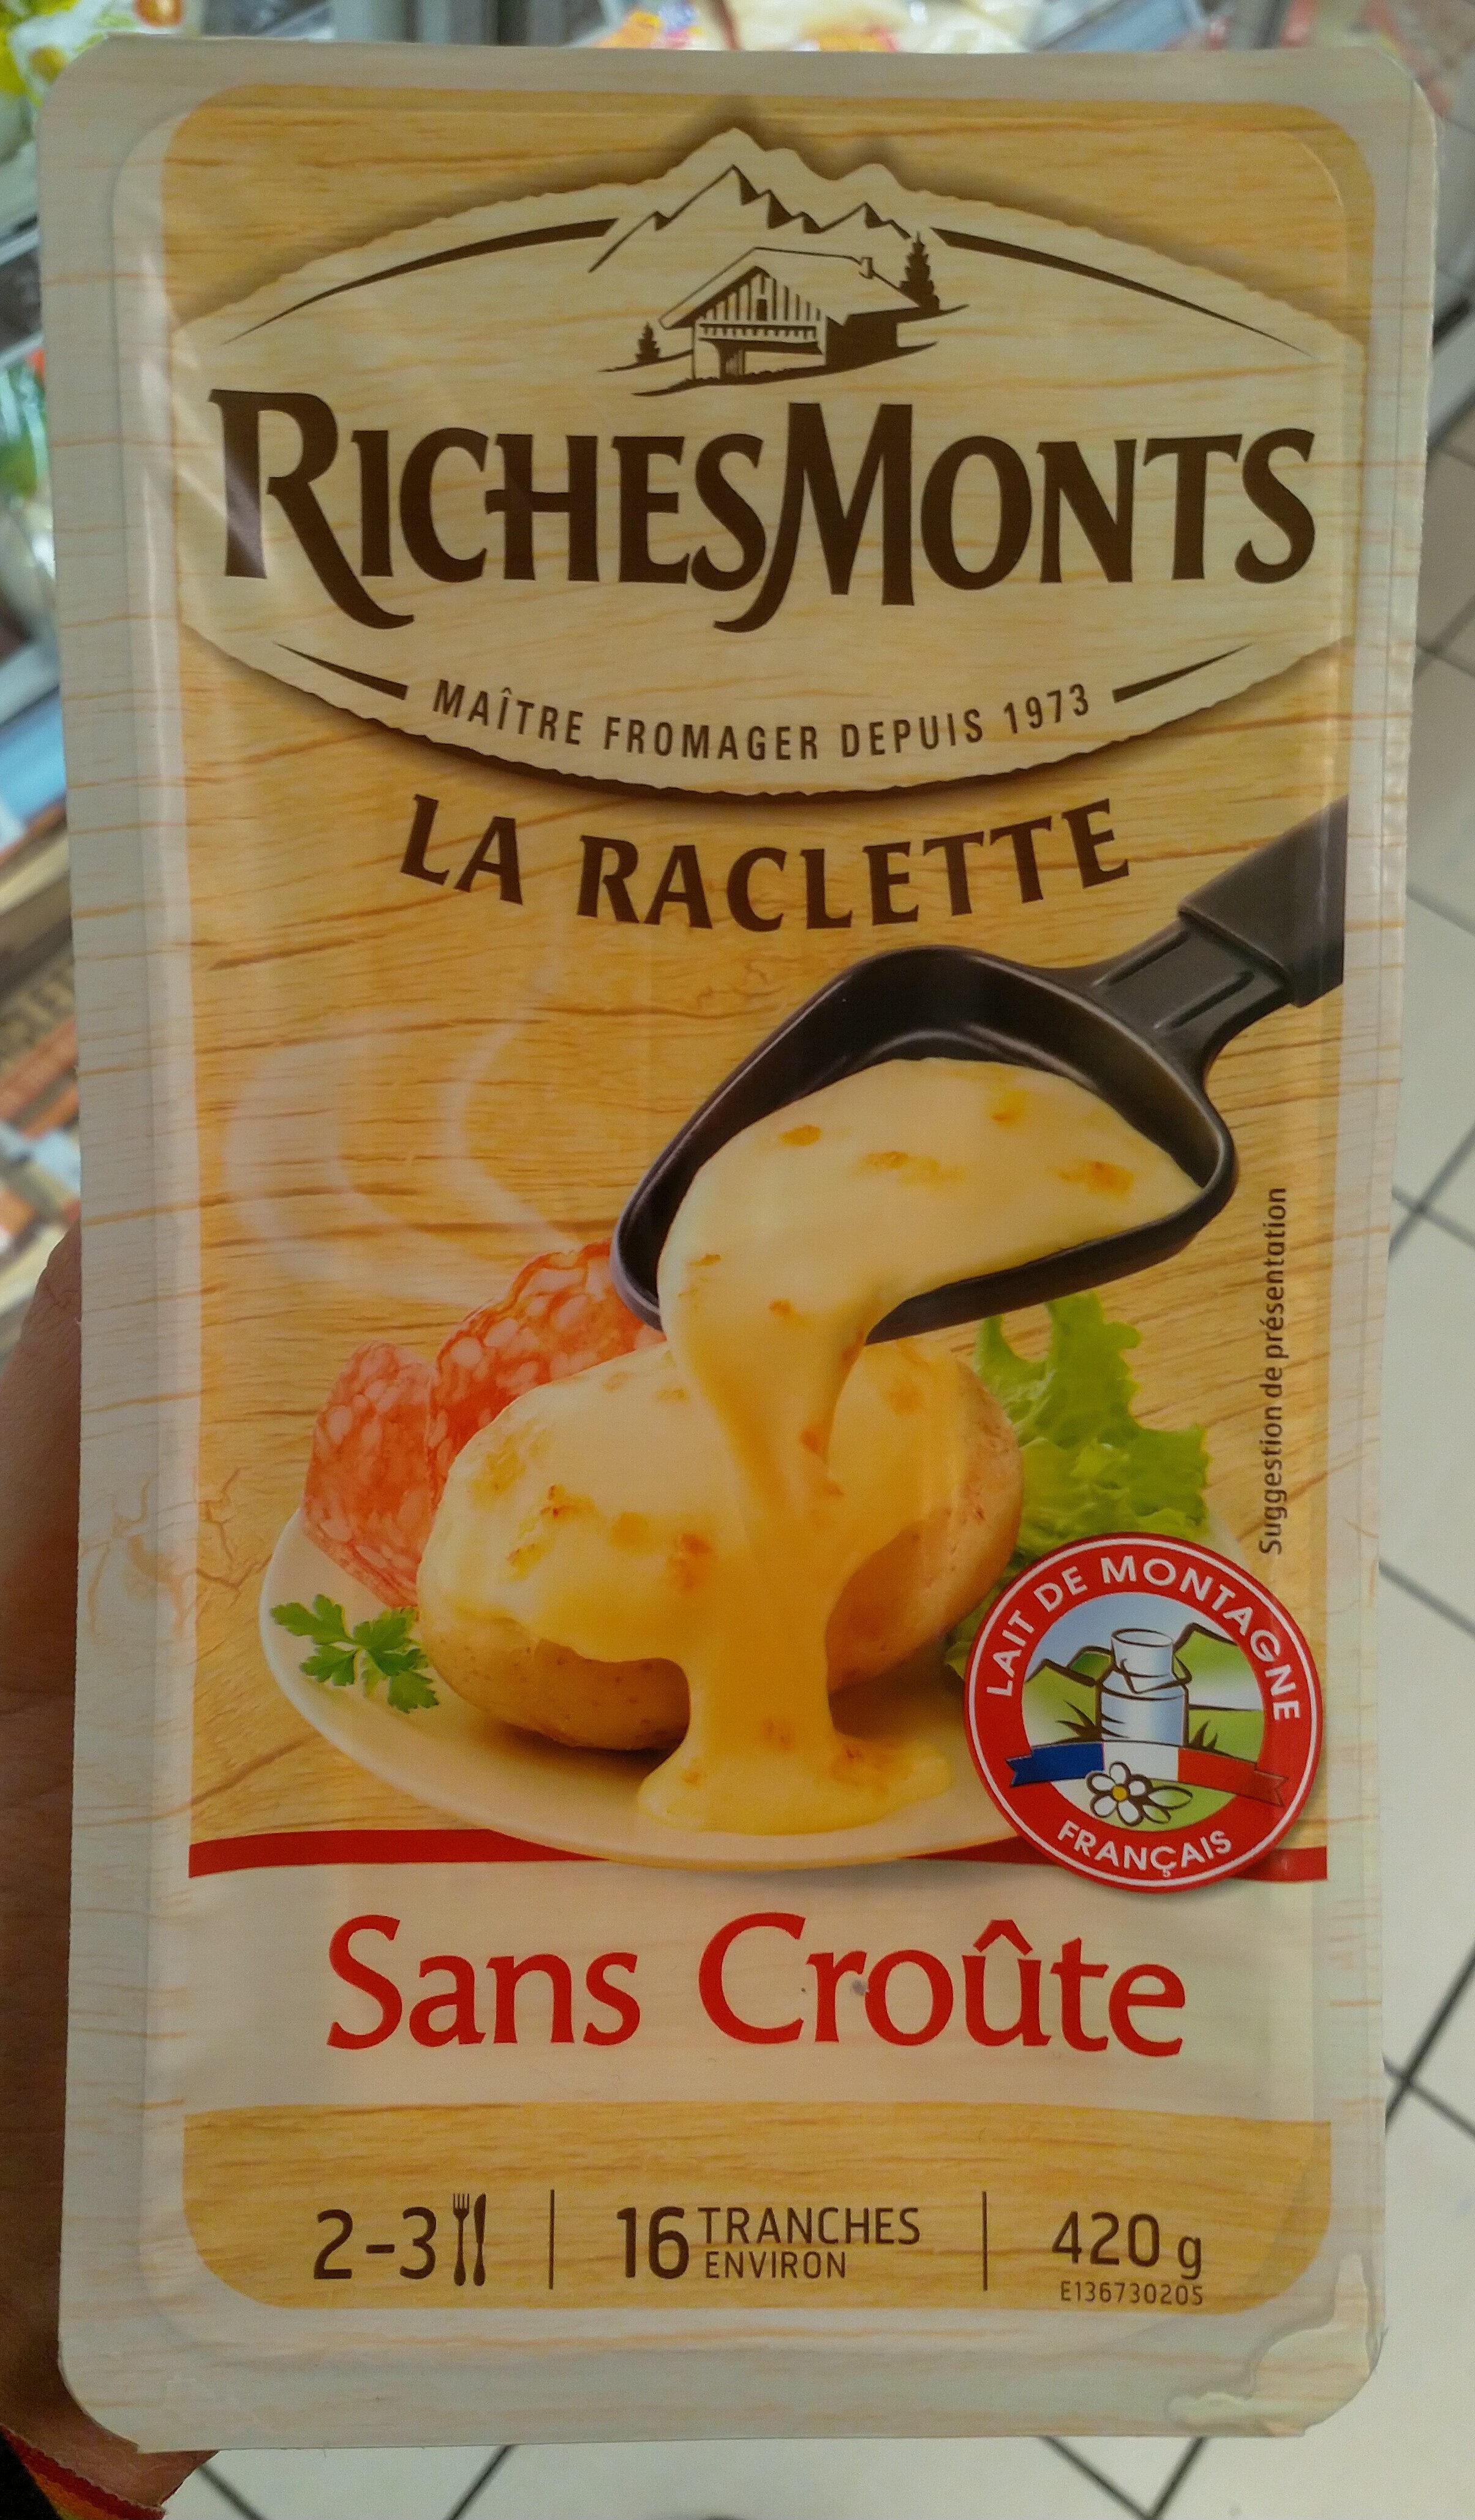 La raclette - sans croute, 16 tranches - Produit - fr